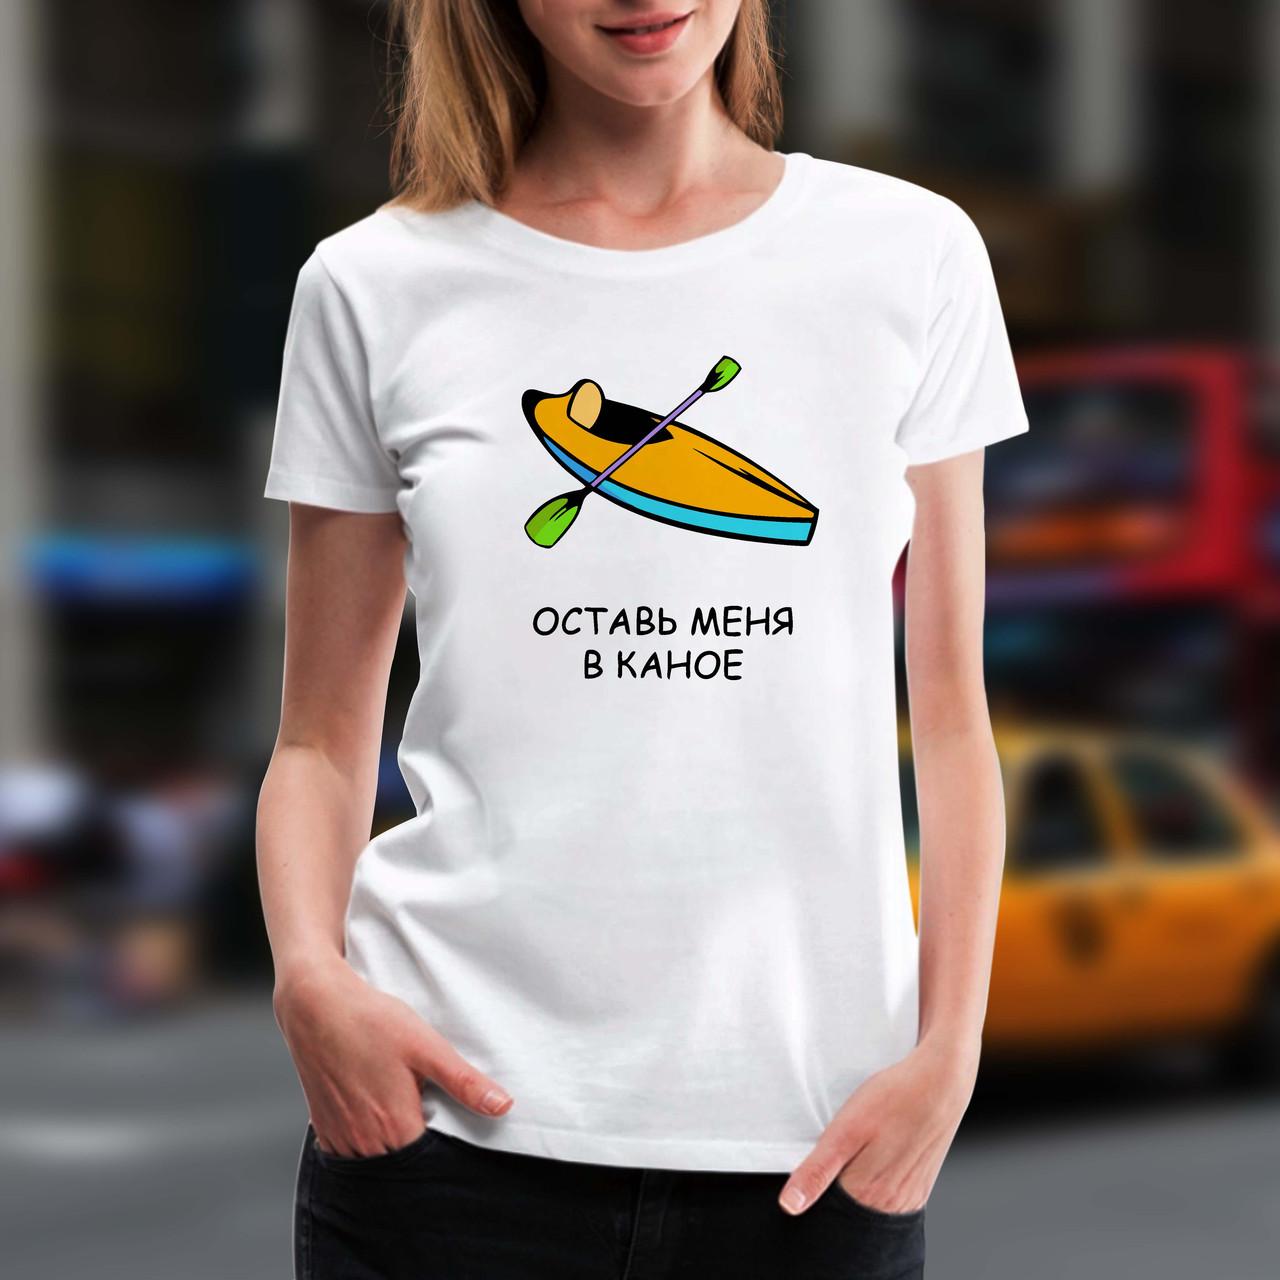 """Женская футболка с принтом """"Оставь меня в каное"""" Push IT Белый"""